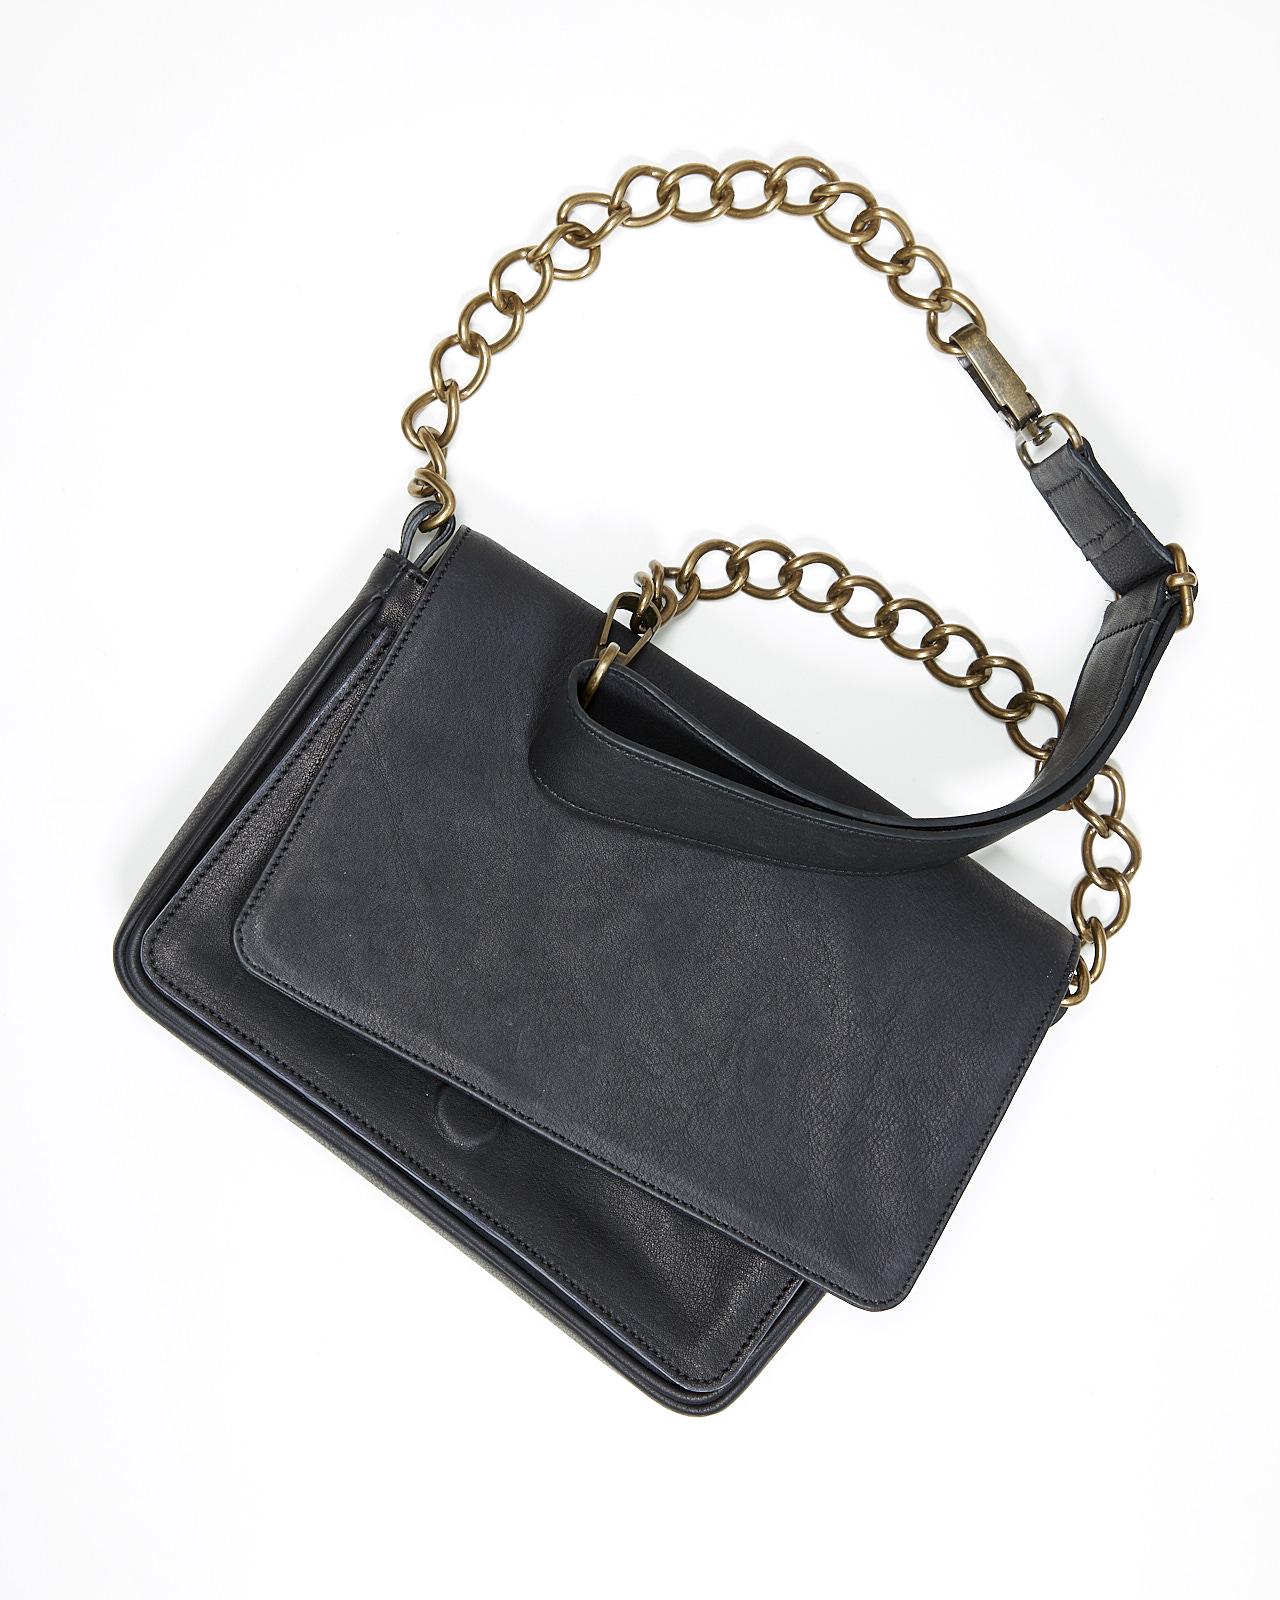 90bcaffa53 In questa occasione la nostra cliente ci chiedeva di realizzare una borsa  pratica, ma elegante, esclusivamente in pelle e non troppo grande.